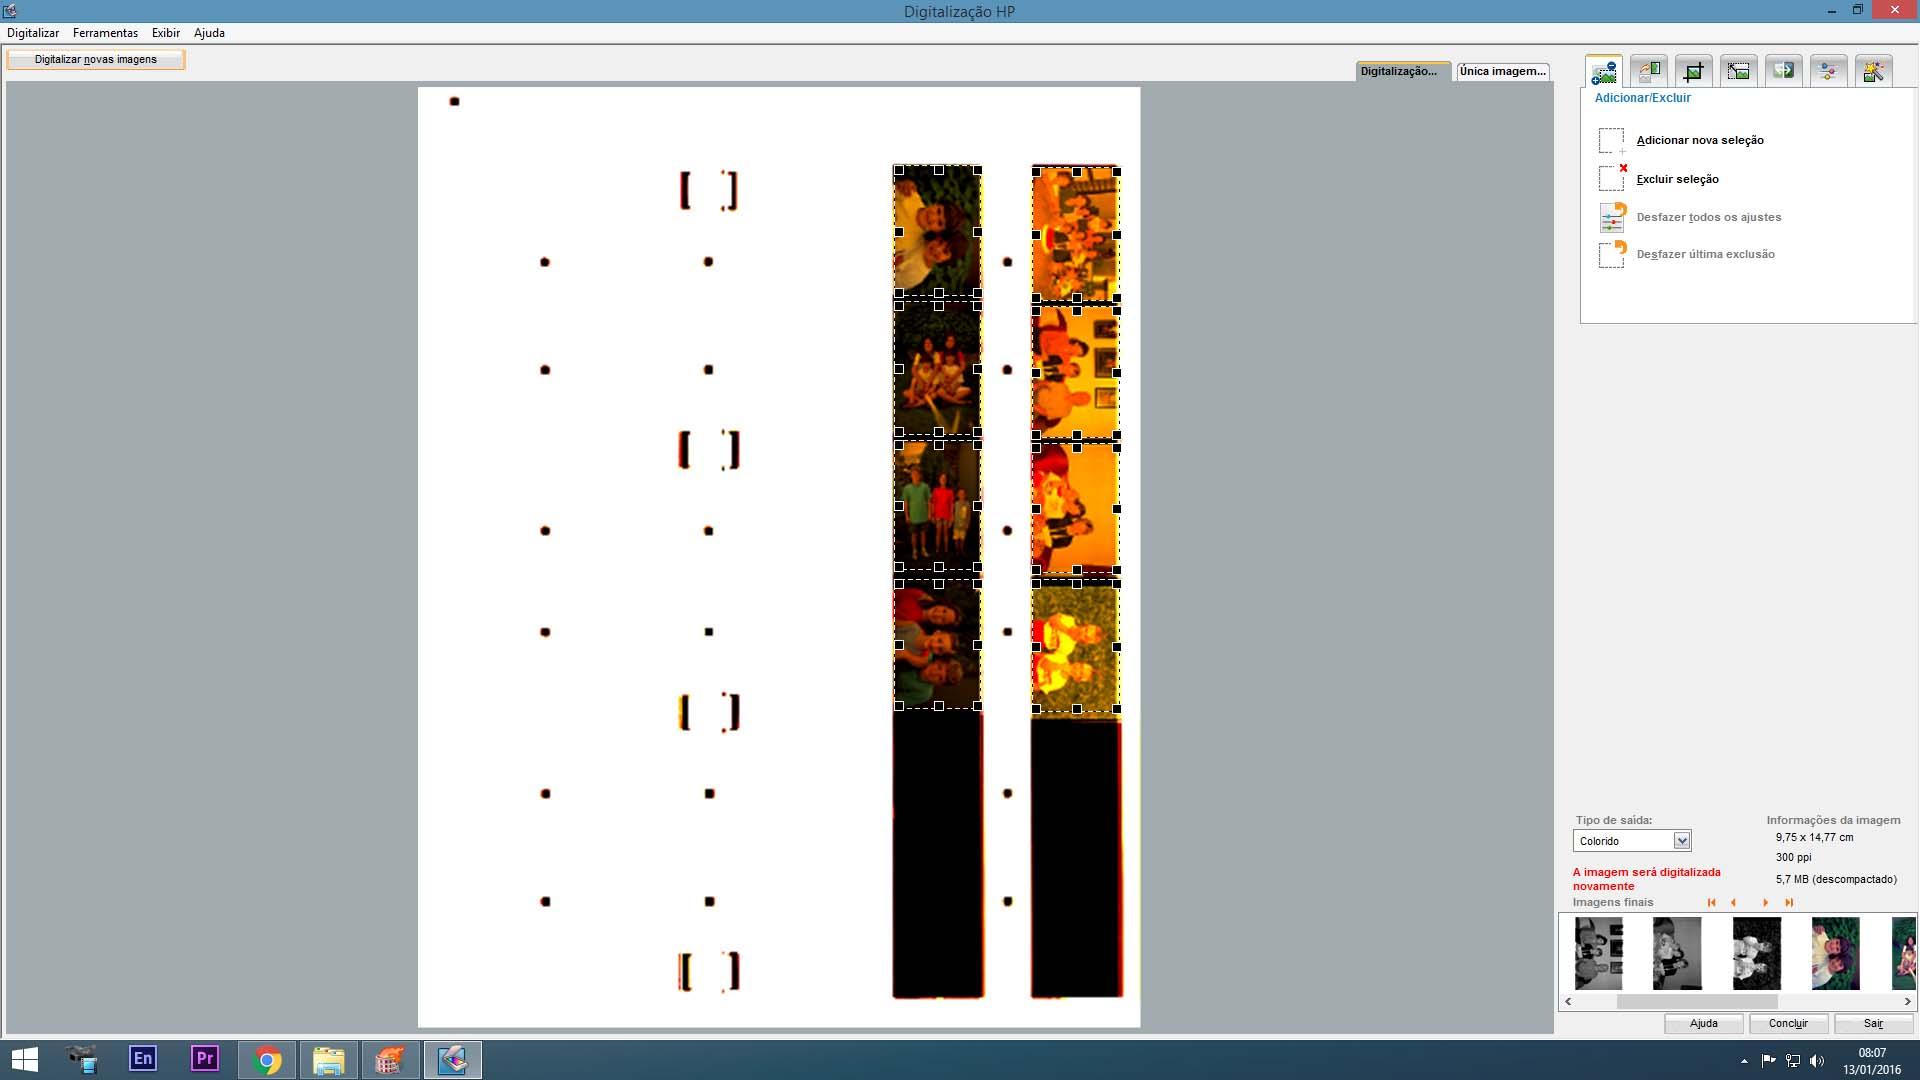 scaner.jpg